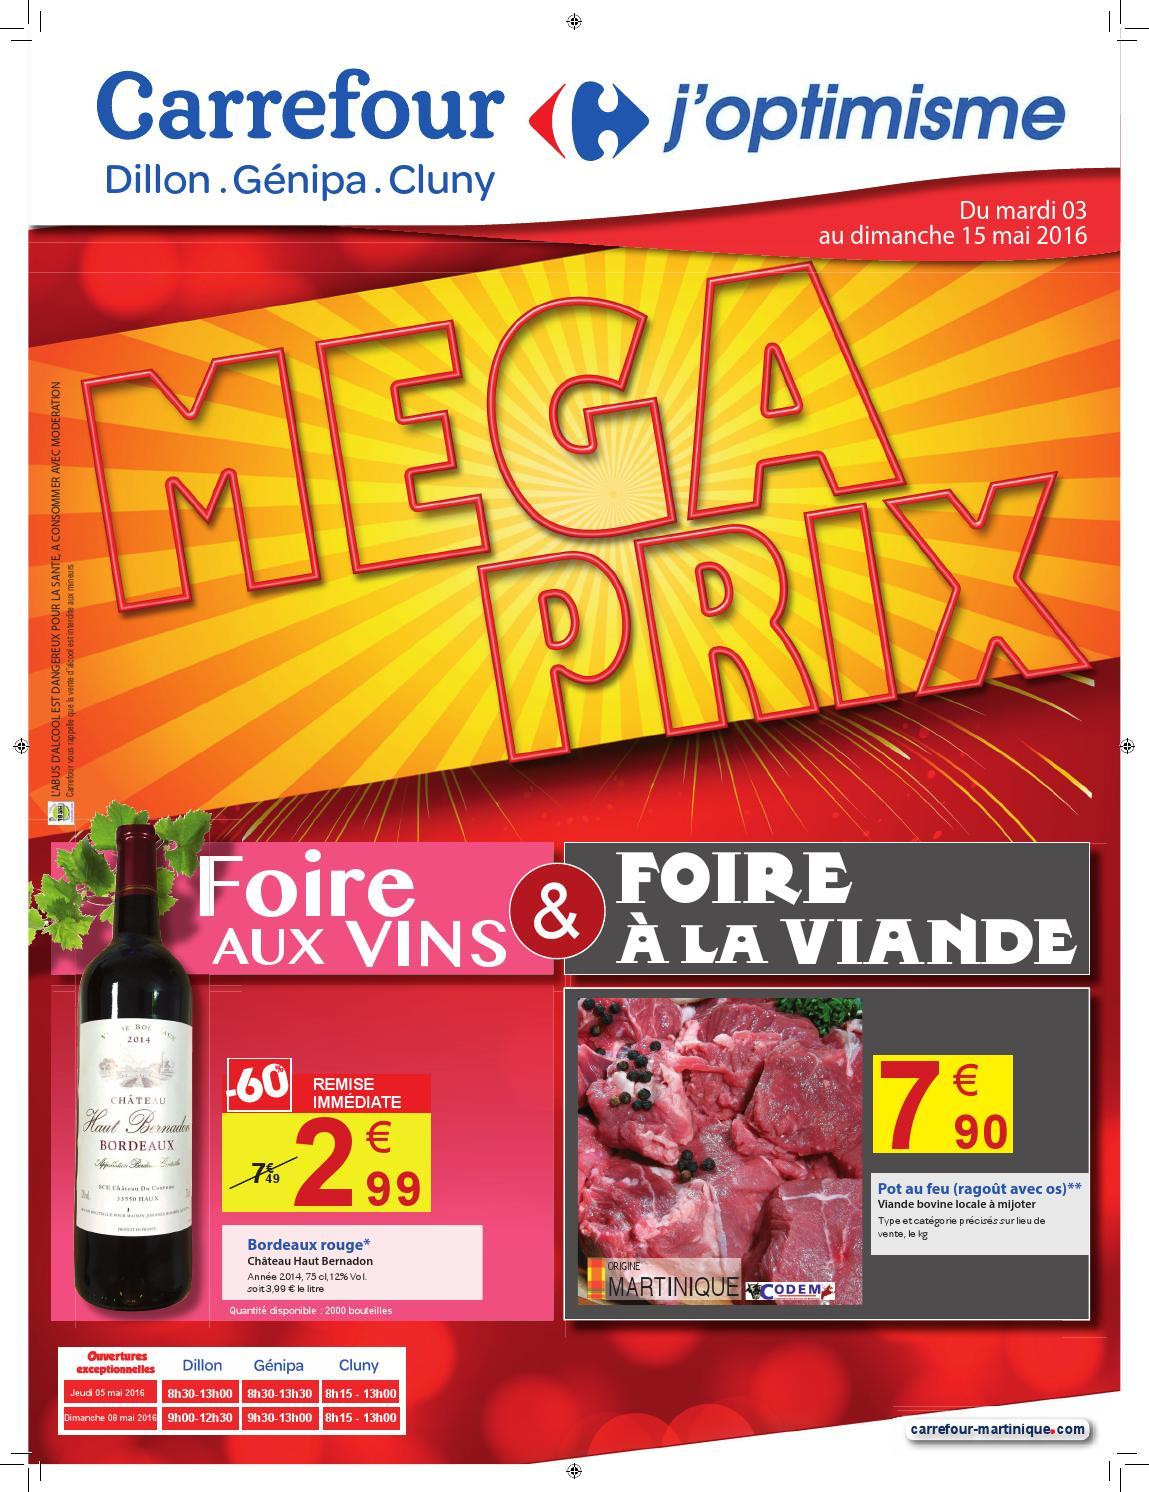 Carrefour : Mega Prix - Foire Aux Vins & Foire À La Viande ... destiné Dalle Mousse Piscine Carrefour